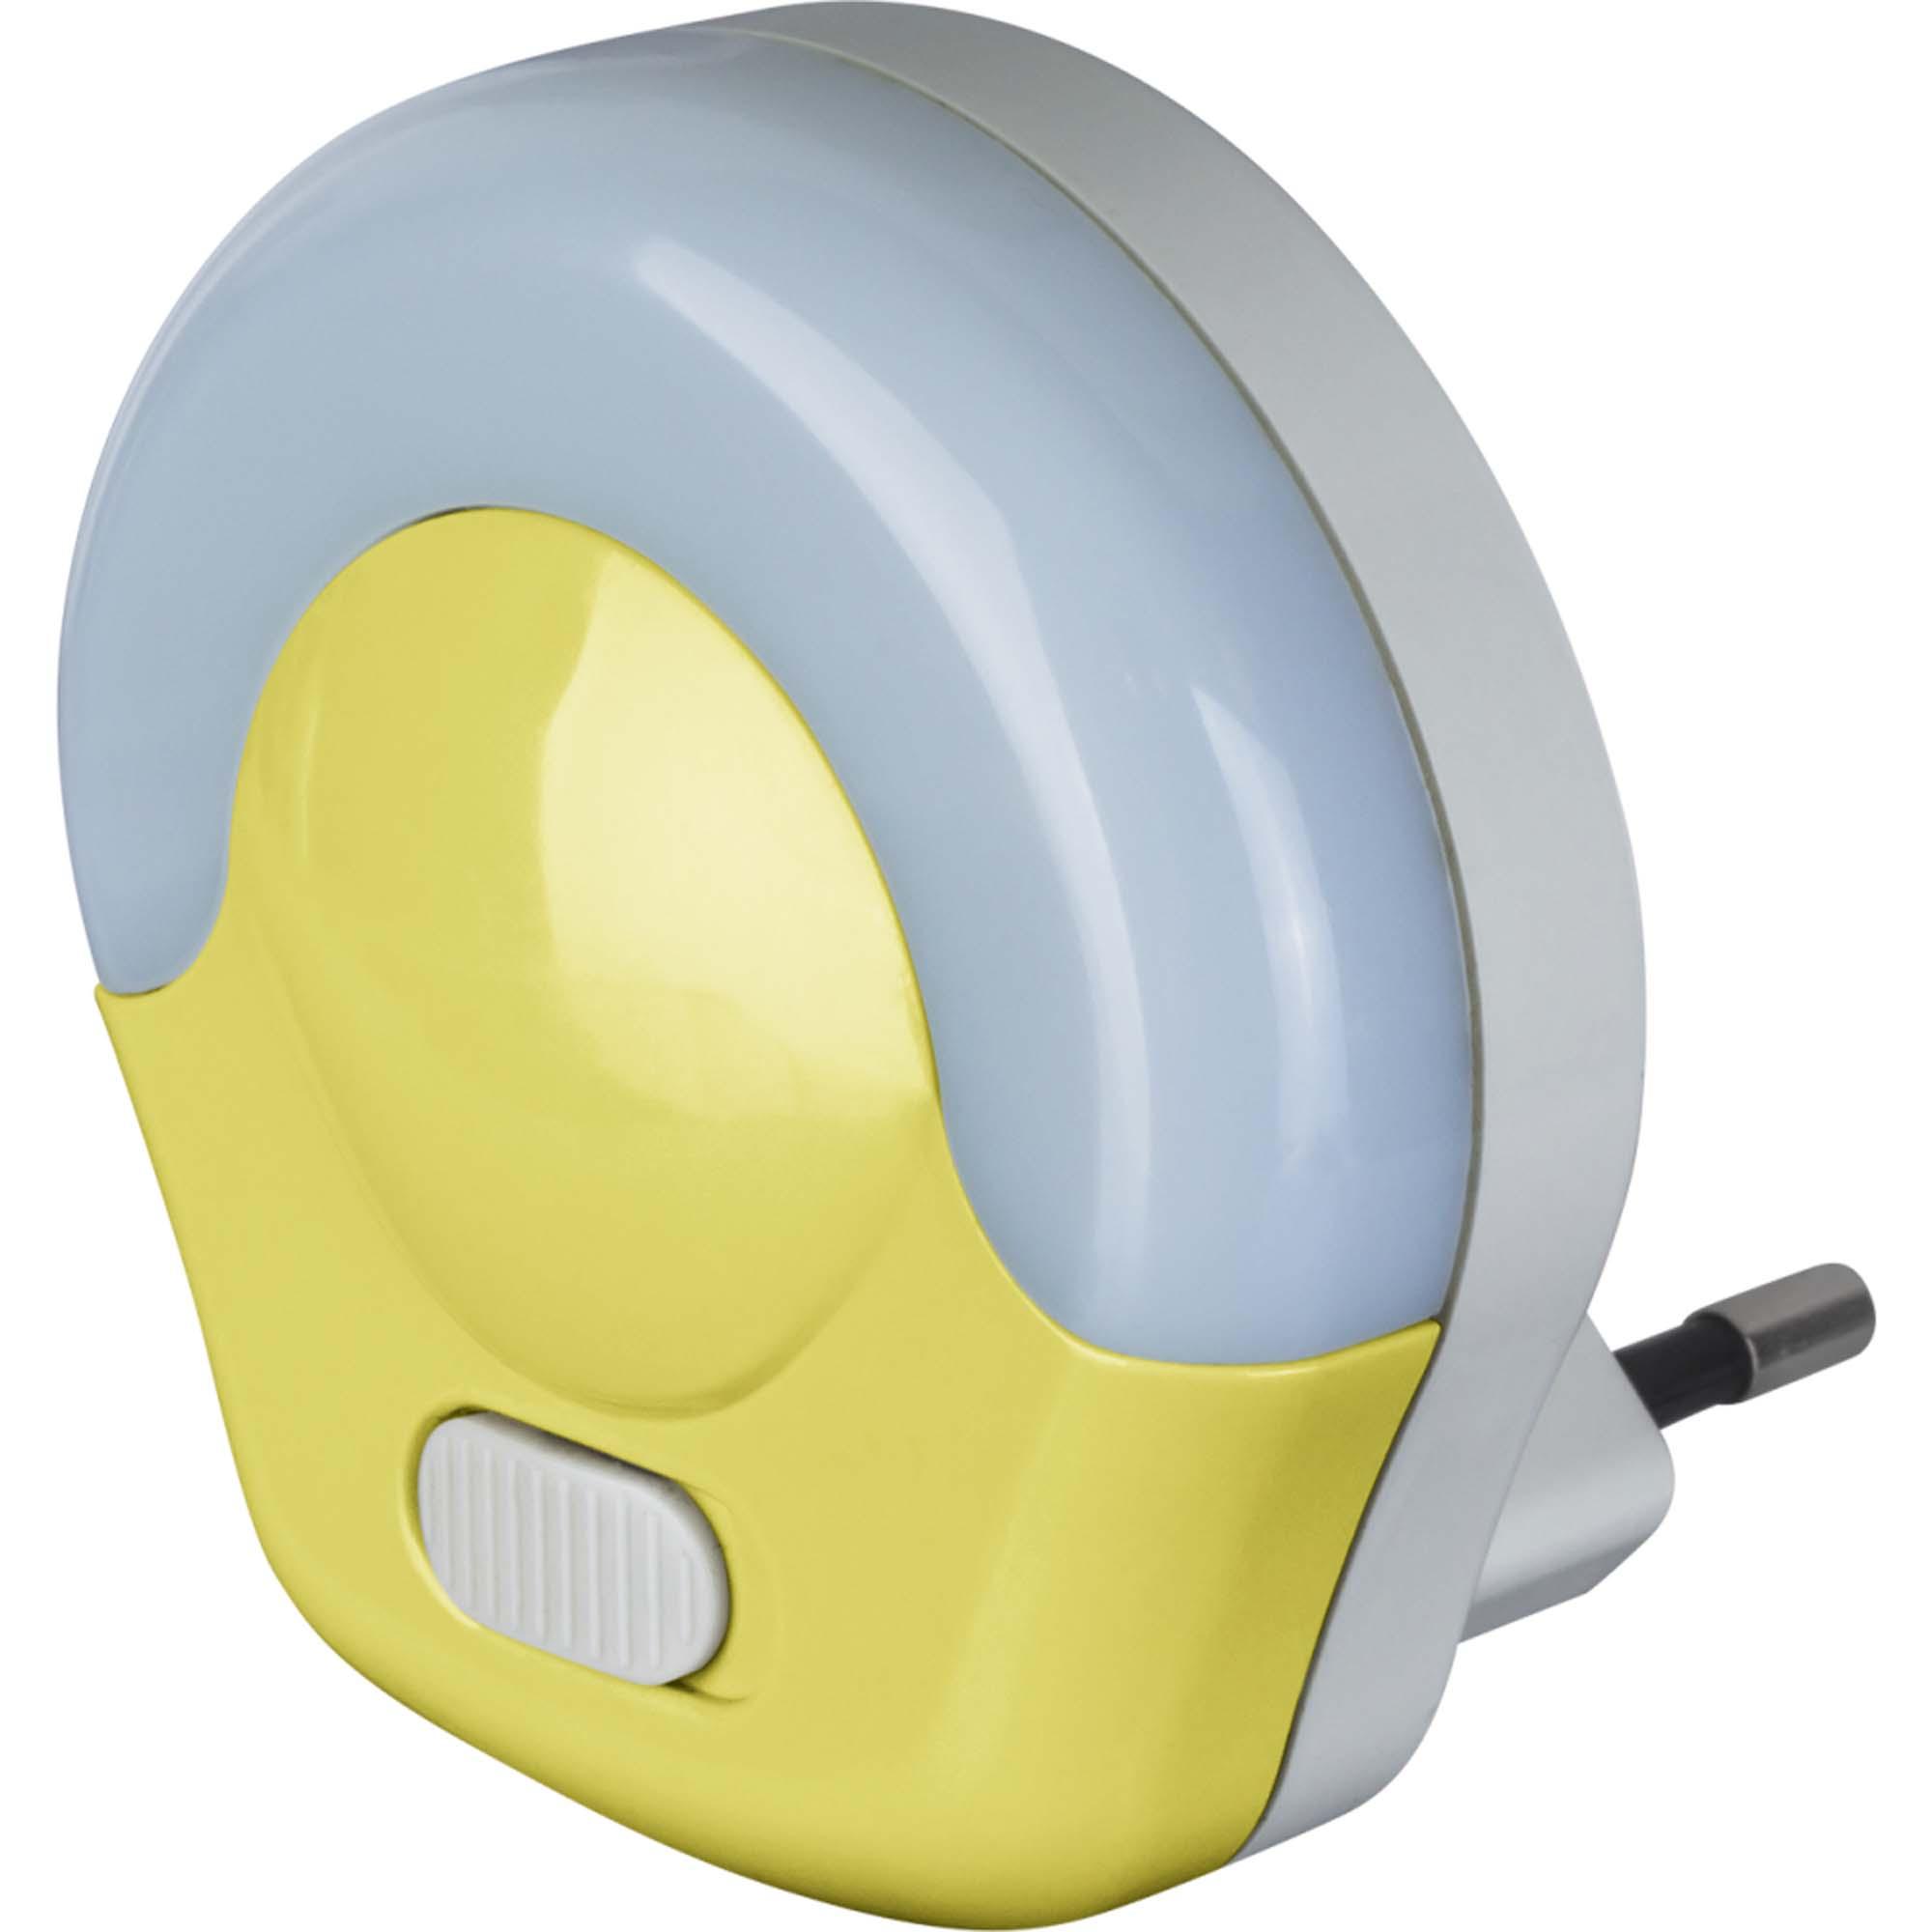 Ночник Navigator 04 с выключателем 0.5вт желтый